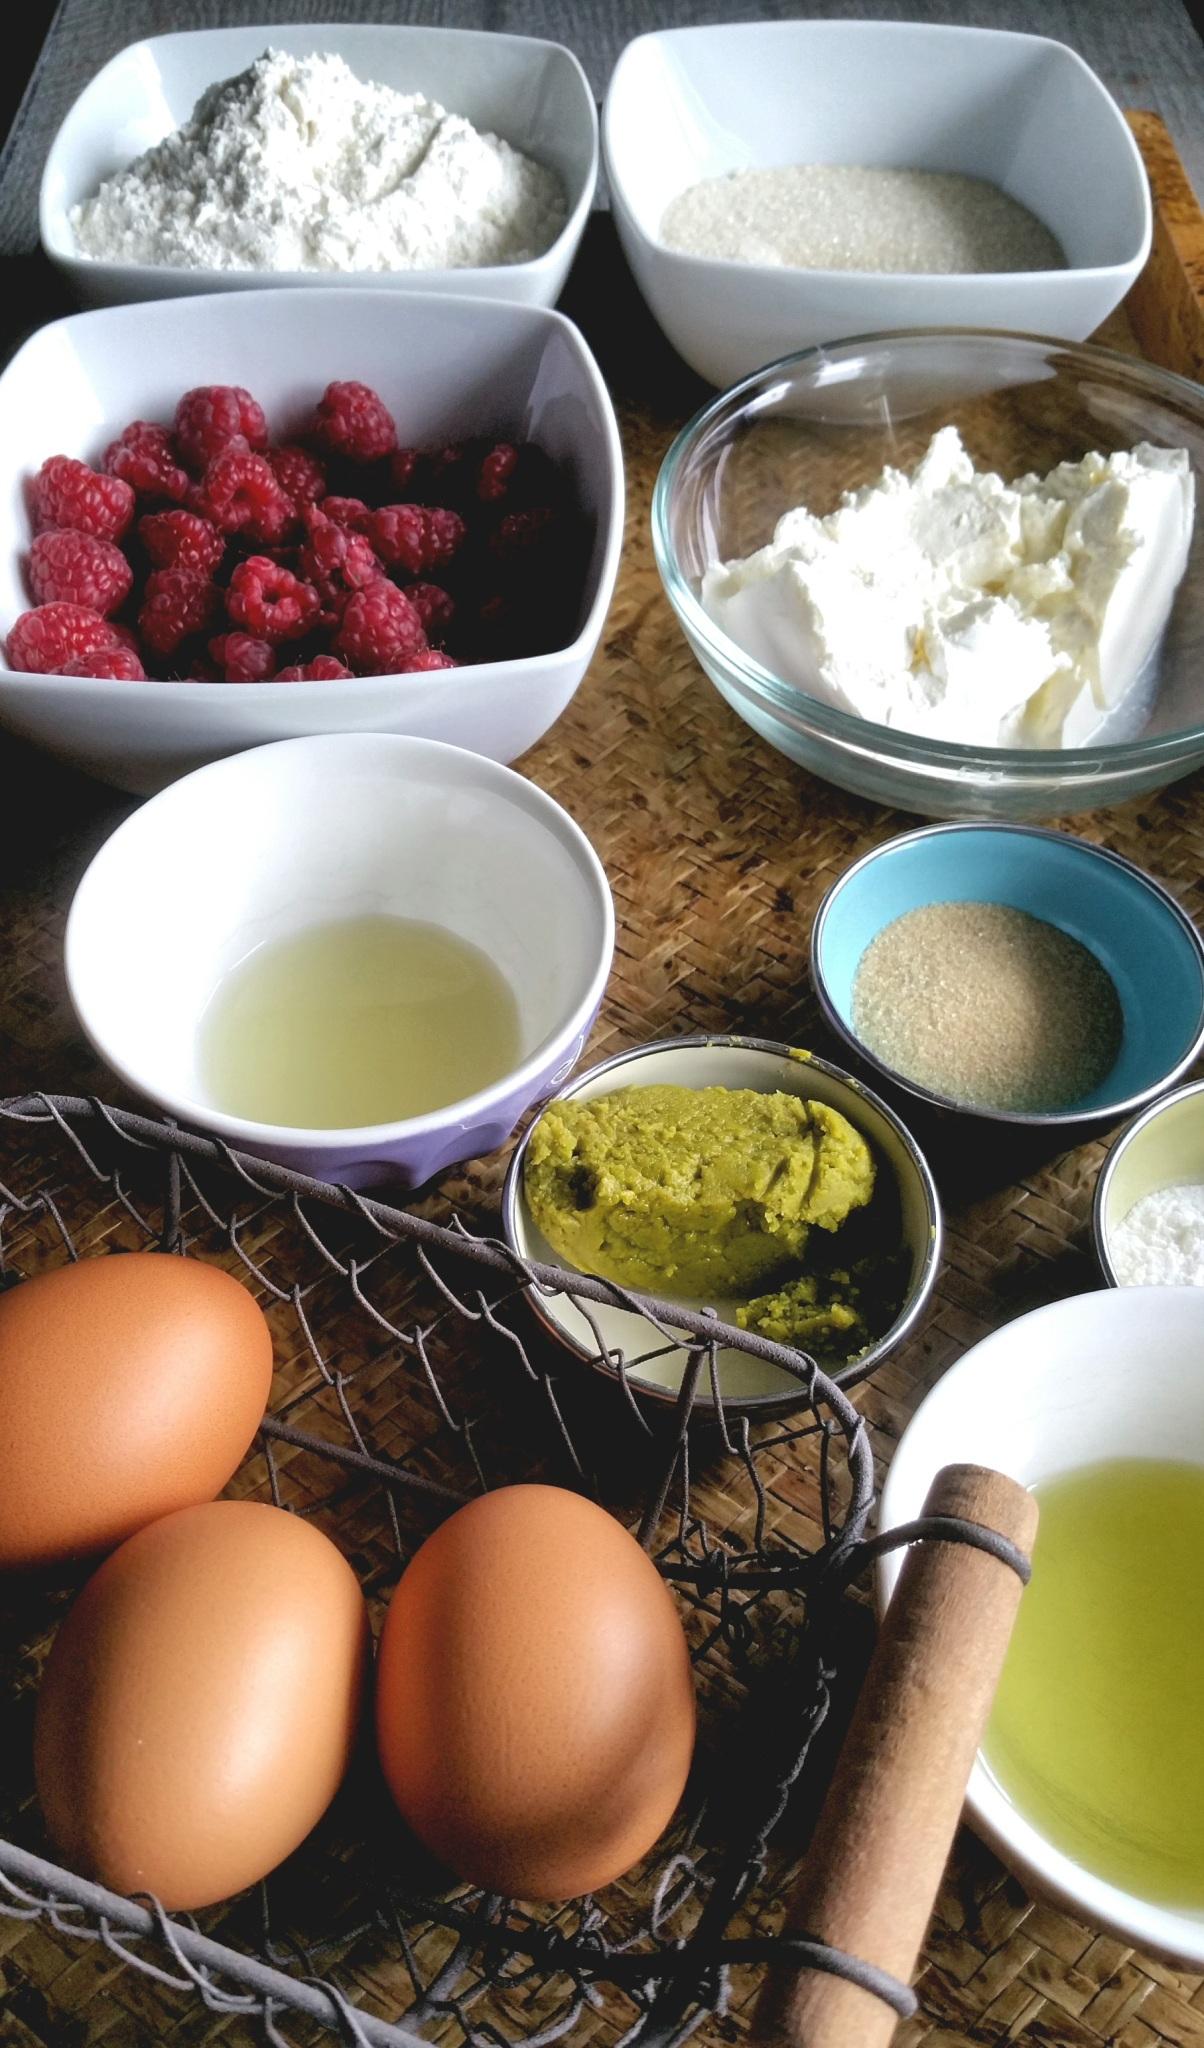 moelleux-mascarpone-pistache-fruits-rouges.jpg